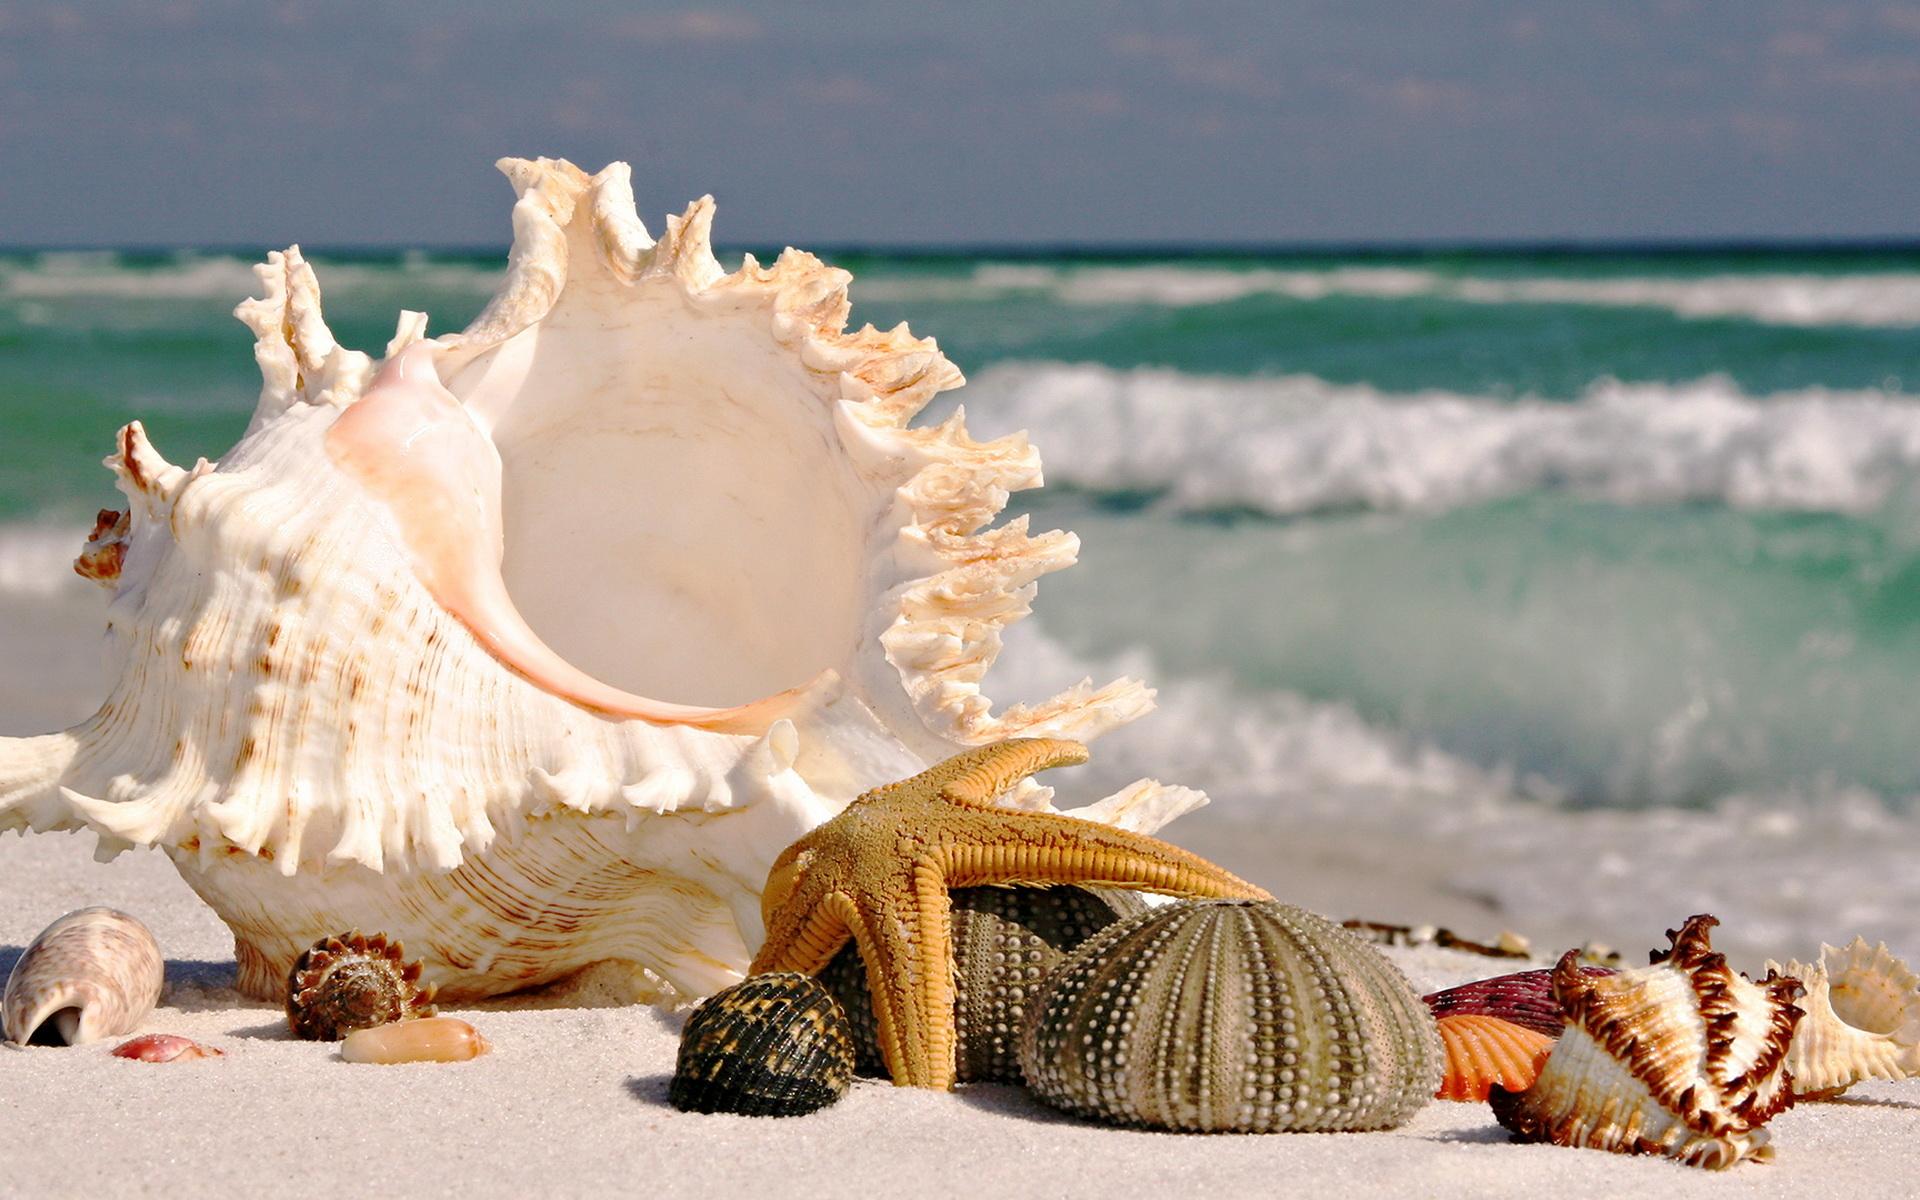 красивые картинки про море и ракушки времен дедушки